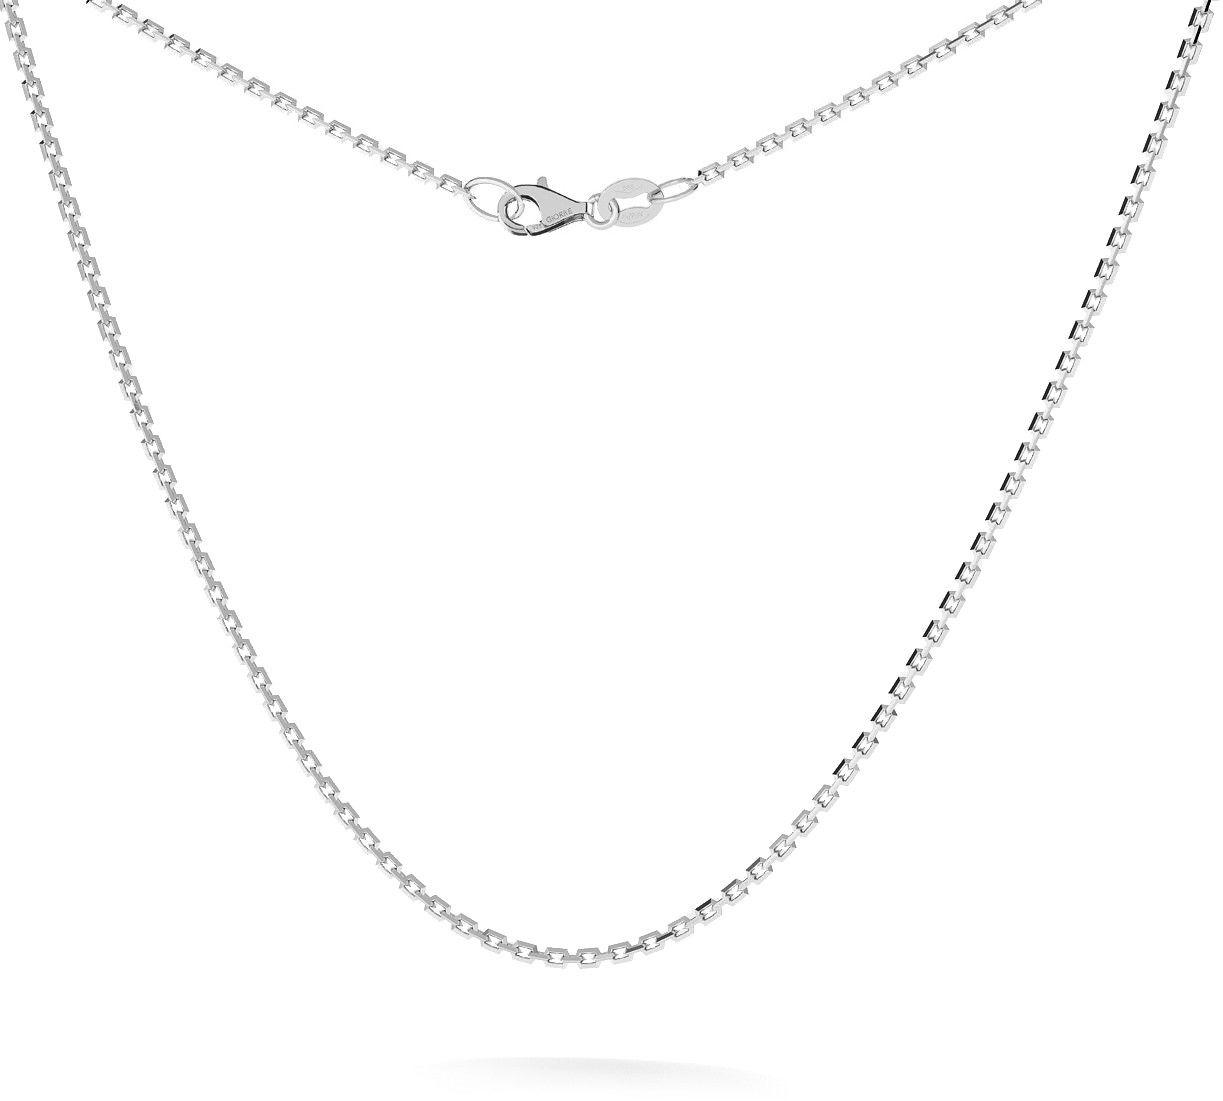 Srebrny łańcuszek na komunię ankier diamentowany 925 : Długość (cm) - 45, Srebro - kolor pokrycia - Pokrycie platyną